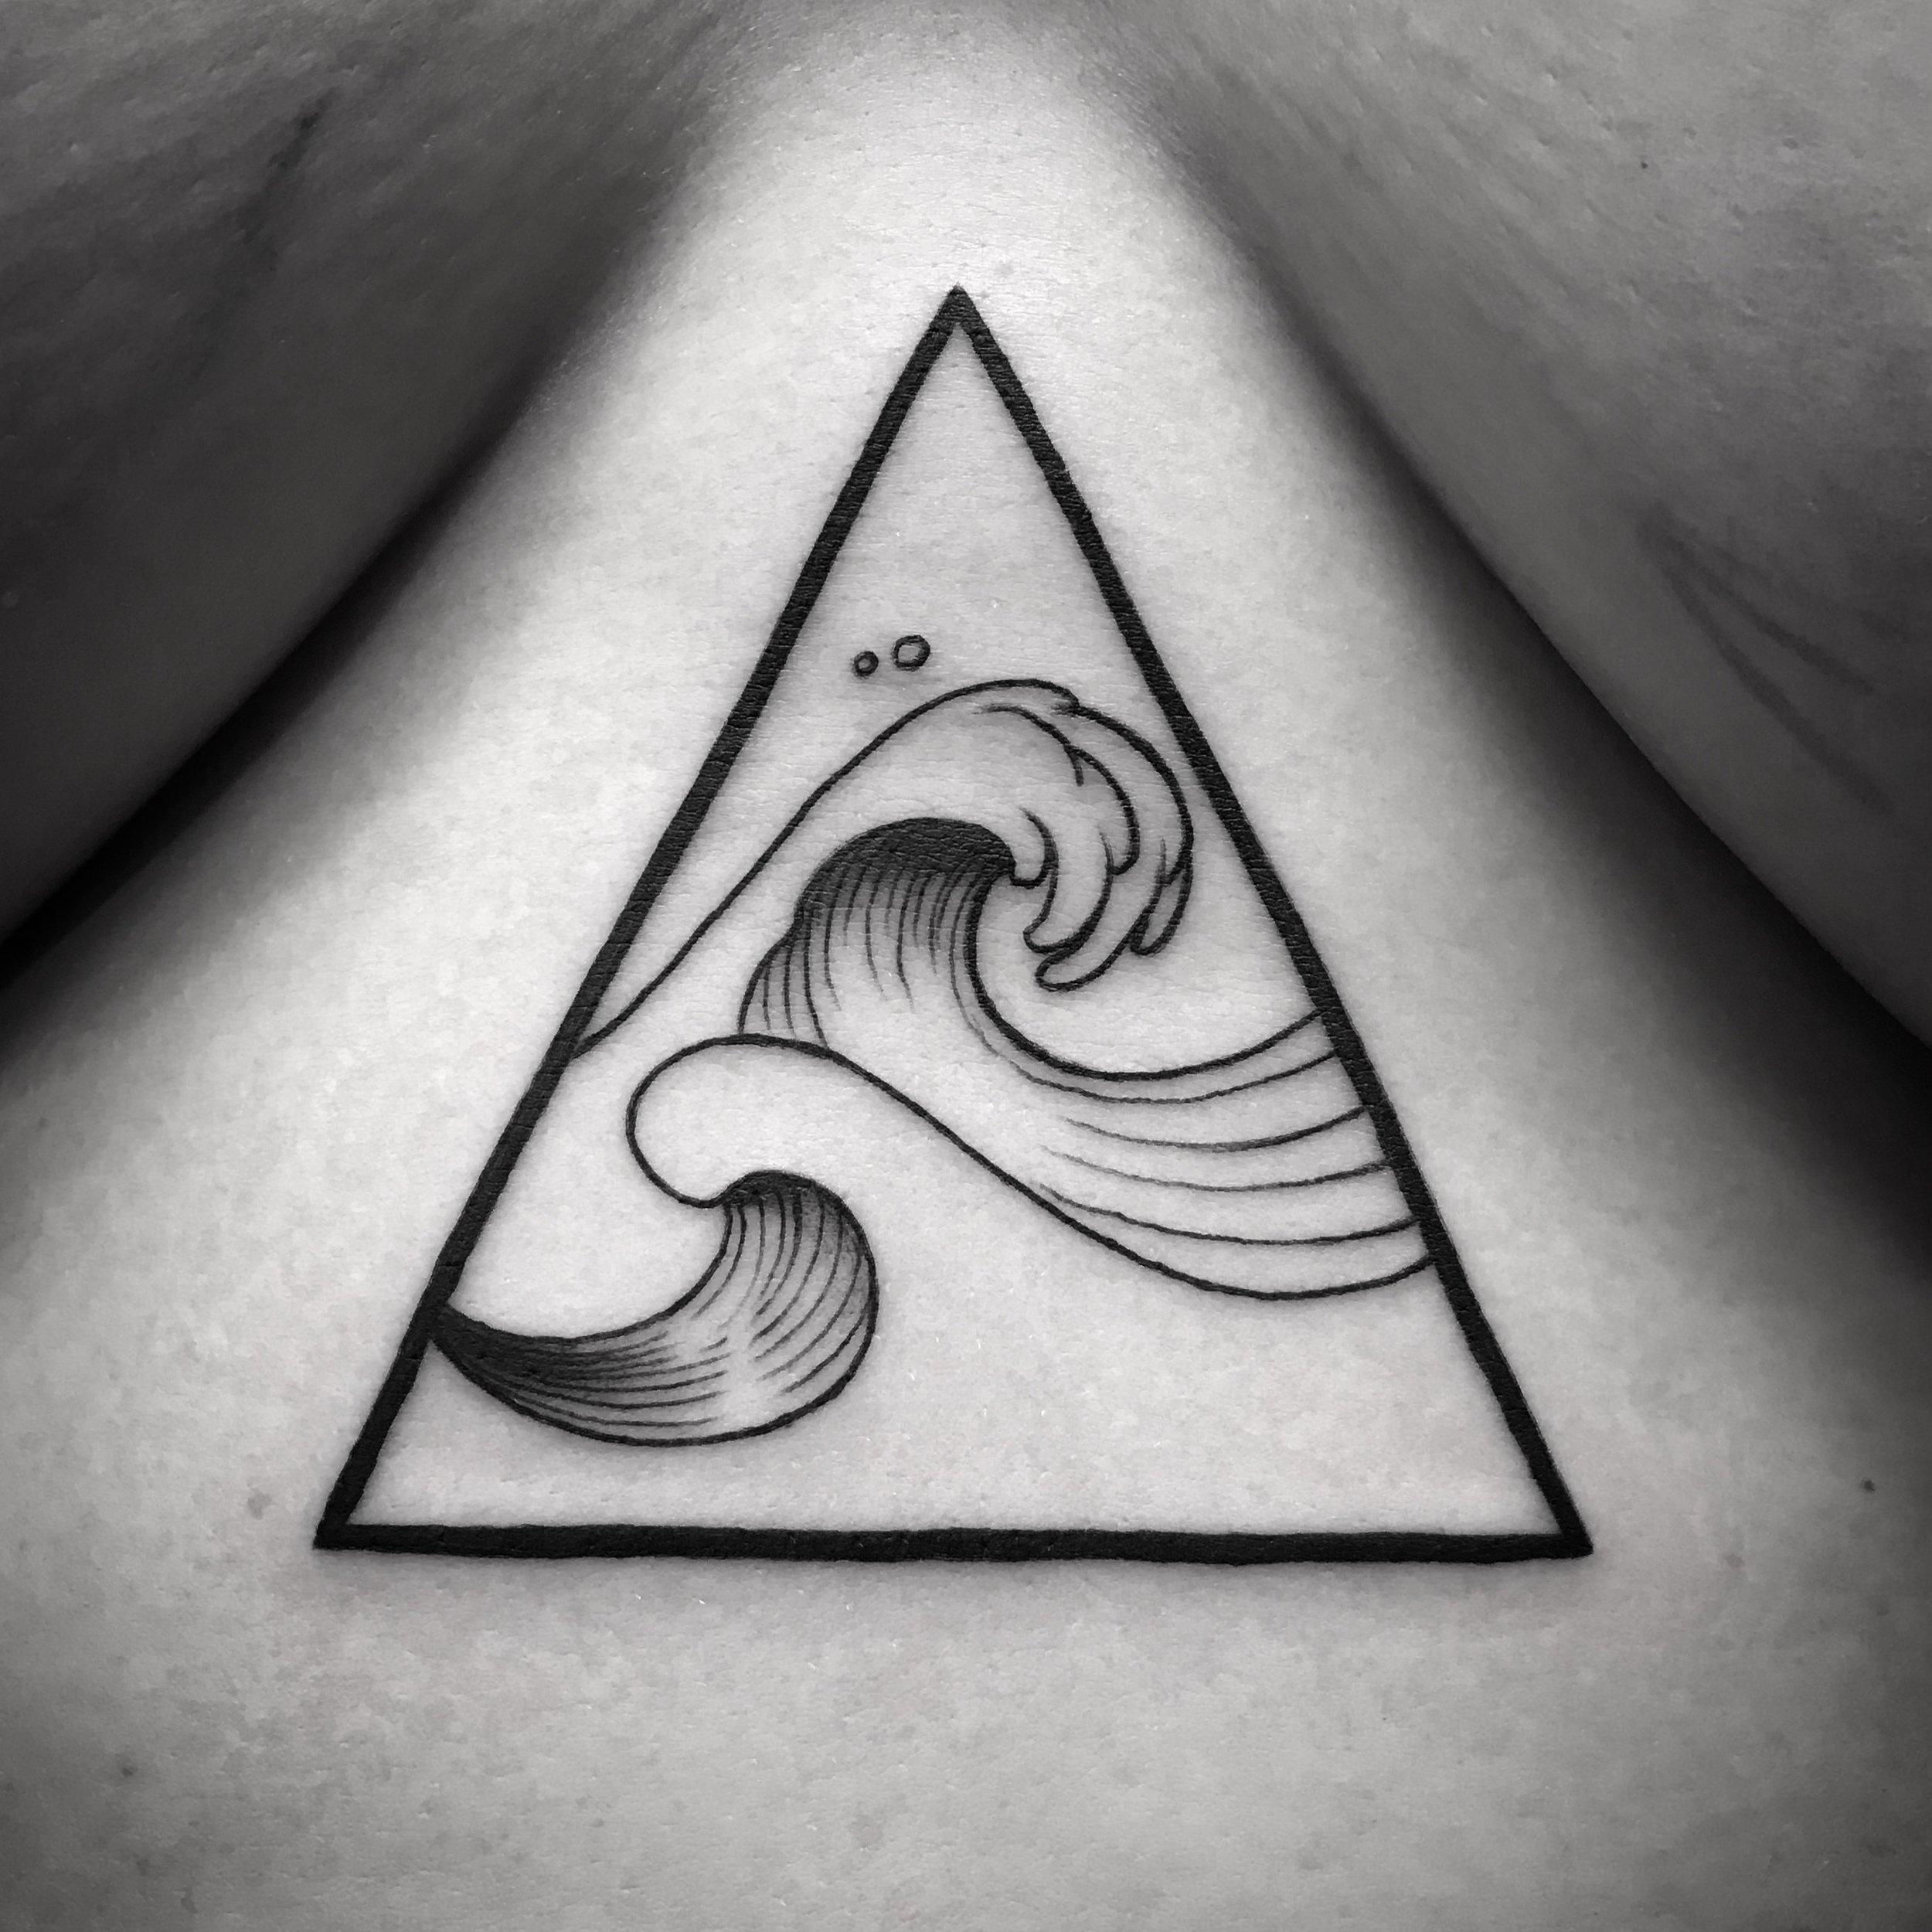 fine line single needle Justin Turkus Philadelphia best tattoo artist wave triangle 1.jpg